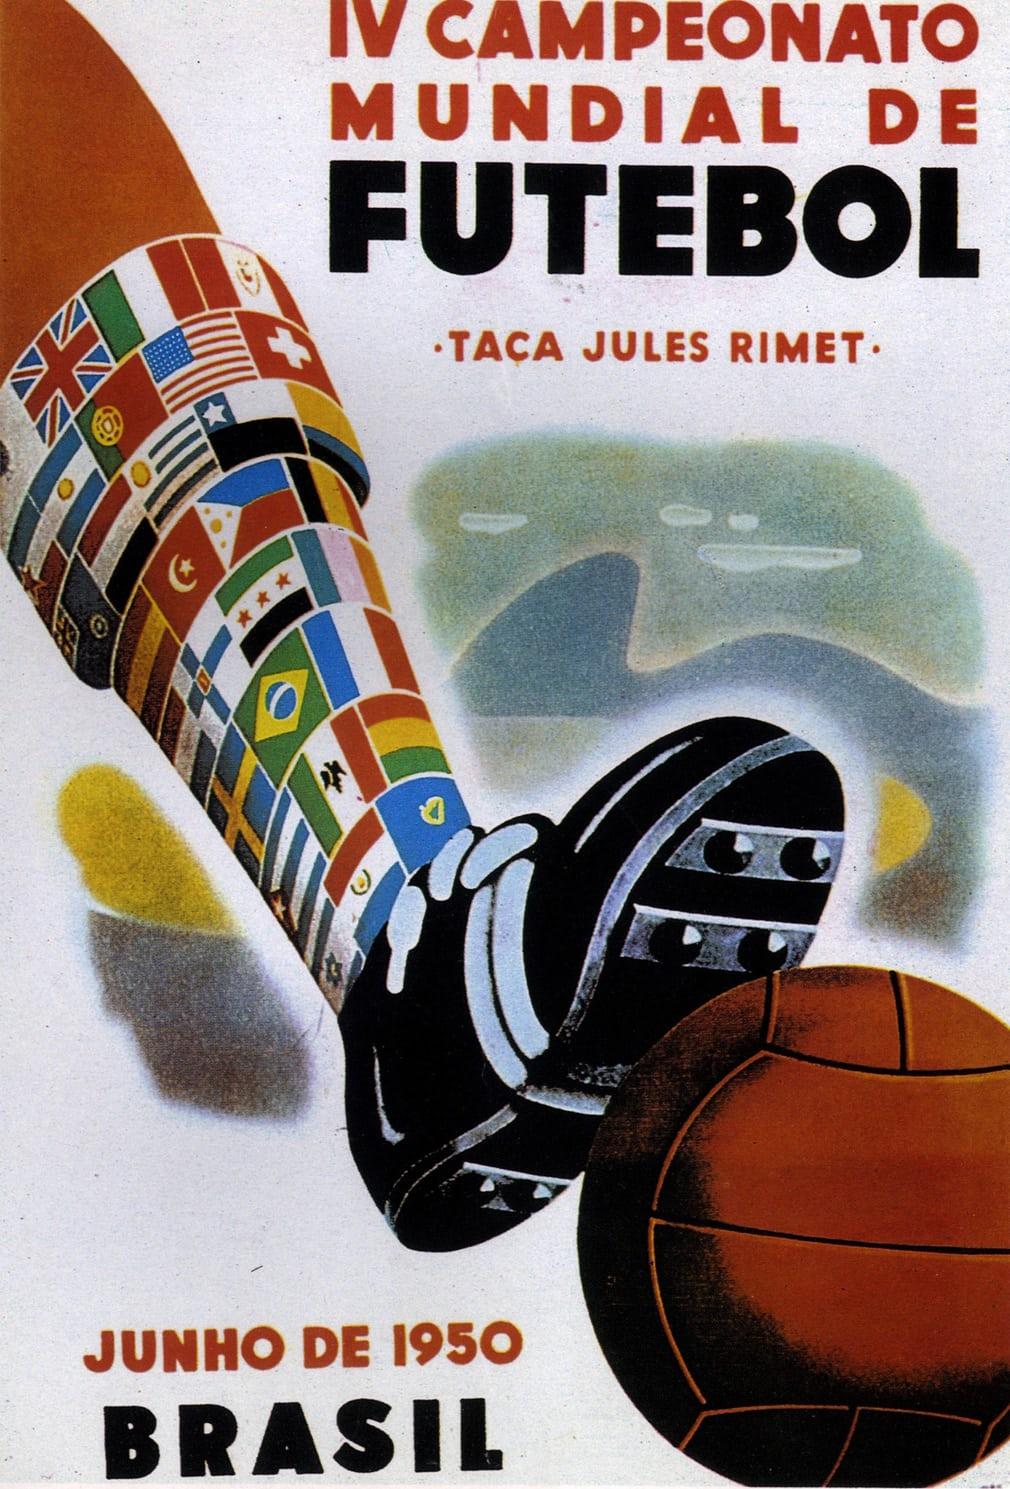 Βραζιλία 1950. Εντυπωσιακό πόστερ με την κάλτσα του ποδοσφαιριστή στο σχέδιο να έχει τις σημαίες αρκετών χωρών